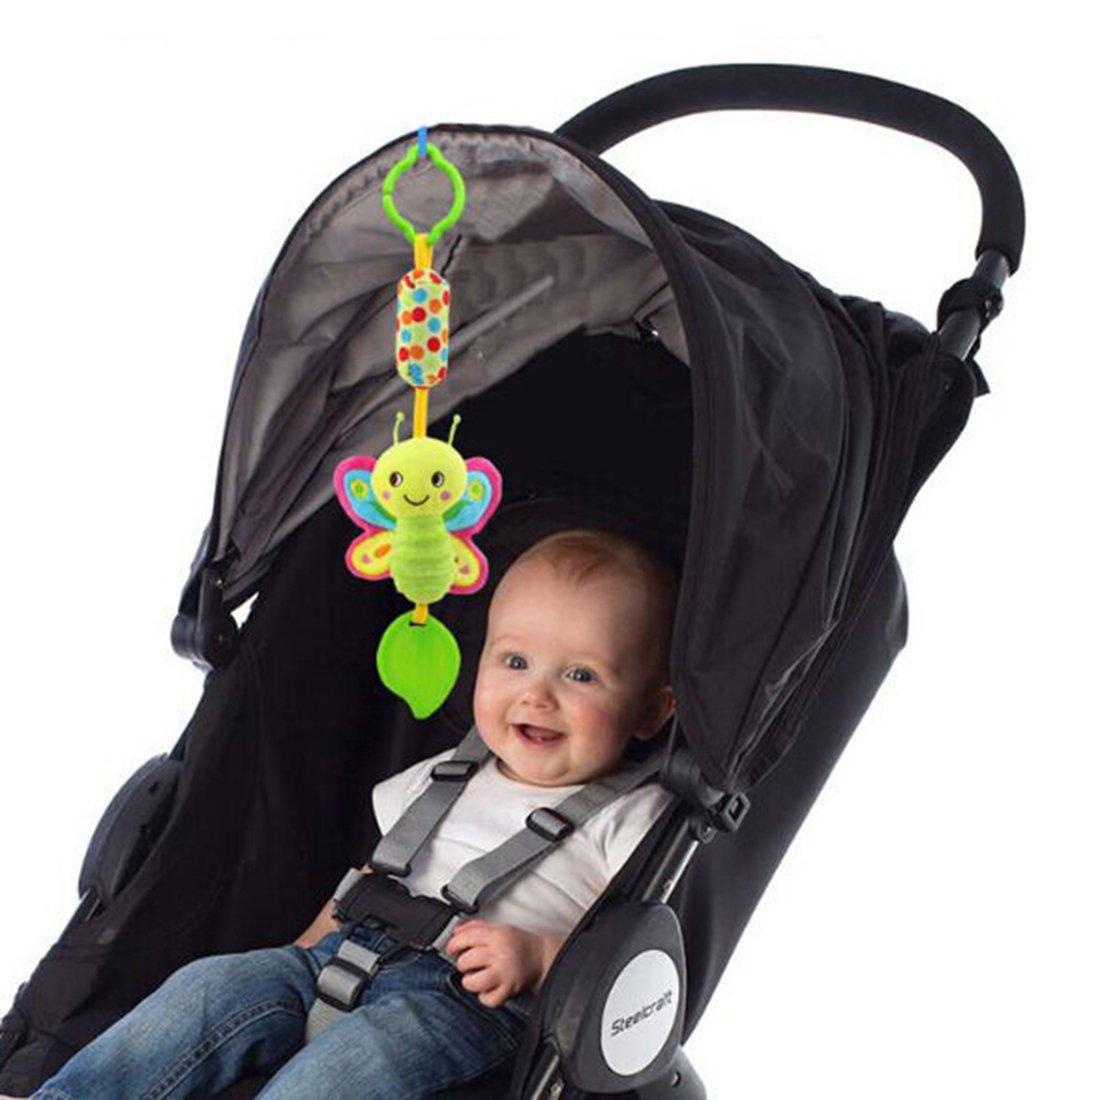 Schmetterling HENGSONG Baby Spielzeug Kinderwagenkette H/ängende Stoff Spielzeug f/ür Bettchen Kindersitz und Kinderwagen